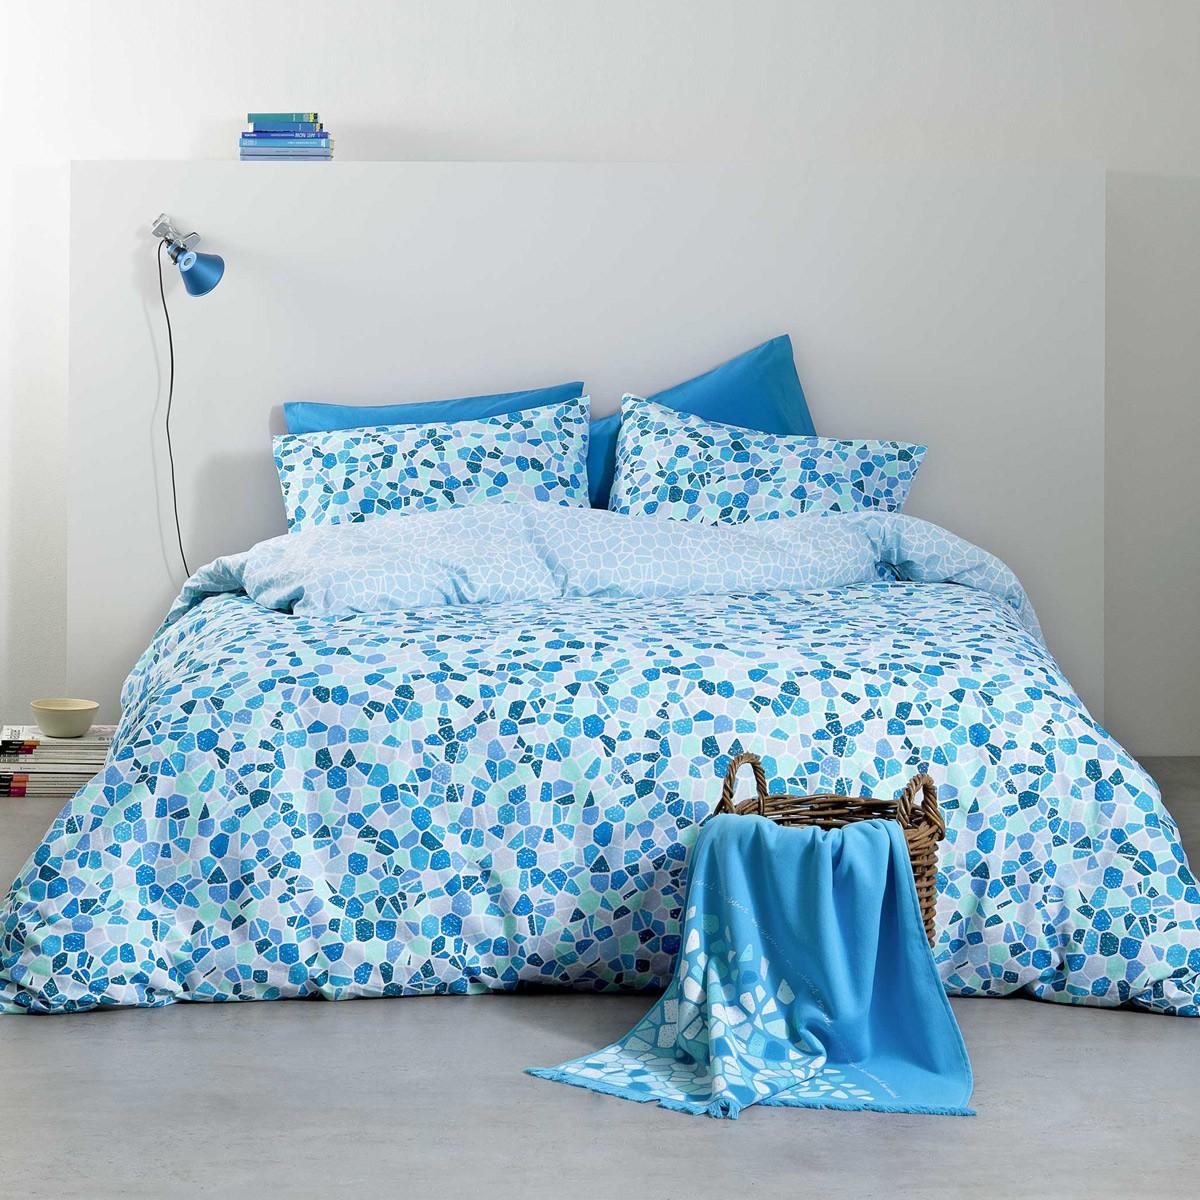 Κουβερλί Μονό Nima Bed Linen Boracay Blue